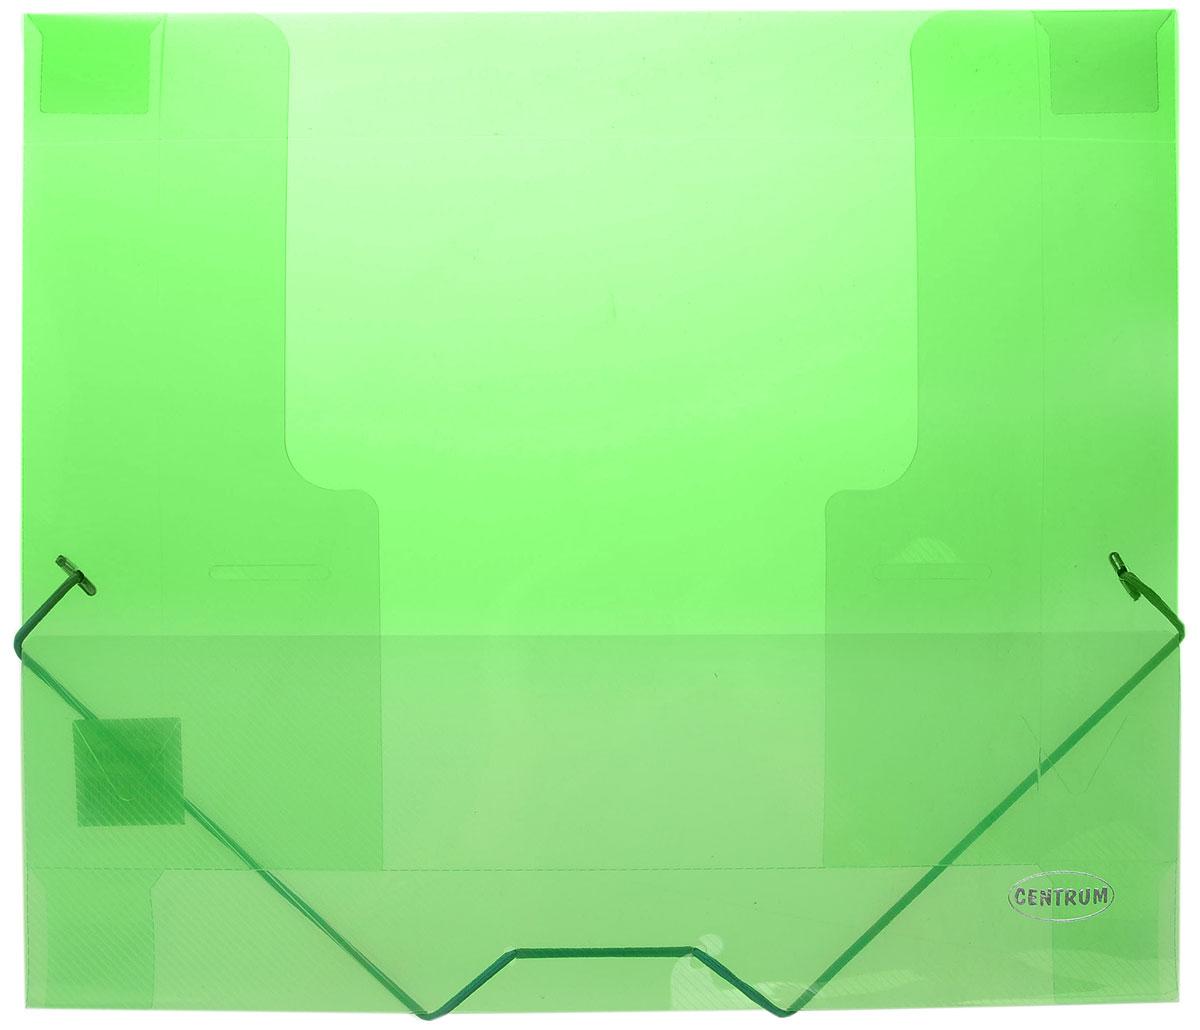 Centrum Папка на резинке формат А4 цвет зеленый80020_зеленыйПапка на резинке Centrum станет вашим верным помощником дома и в офисе. Это удобный и функциональный инструмент, предназначенный для хранения и транспортировки больших объемов рабочих бумаг и документов формата А4. Папка изготовлена из износостойкого высококачественного пластика. Состоит из одного вместительного отделения. Закрывается папка при помощи прочной резинки. Папка - это незаменимый атрибут для любого студента, школьника или офисного работника. Такая папка надежно сохранит ваши бумаги и сбережет их от повреждений, пыли и влаги.